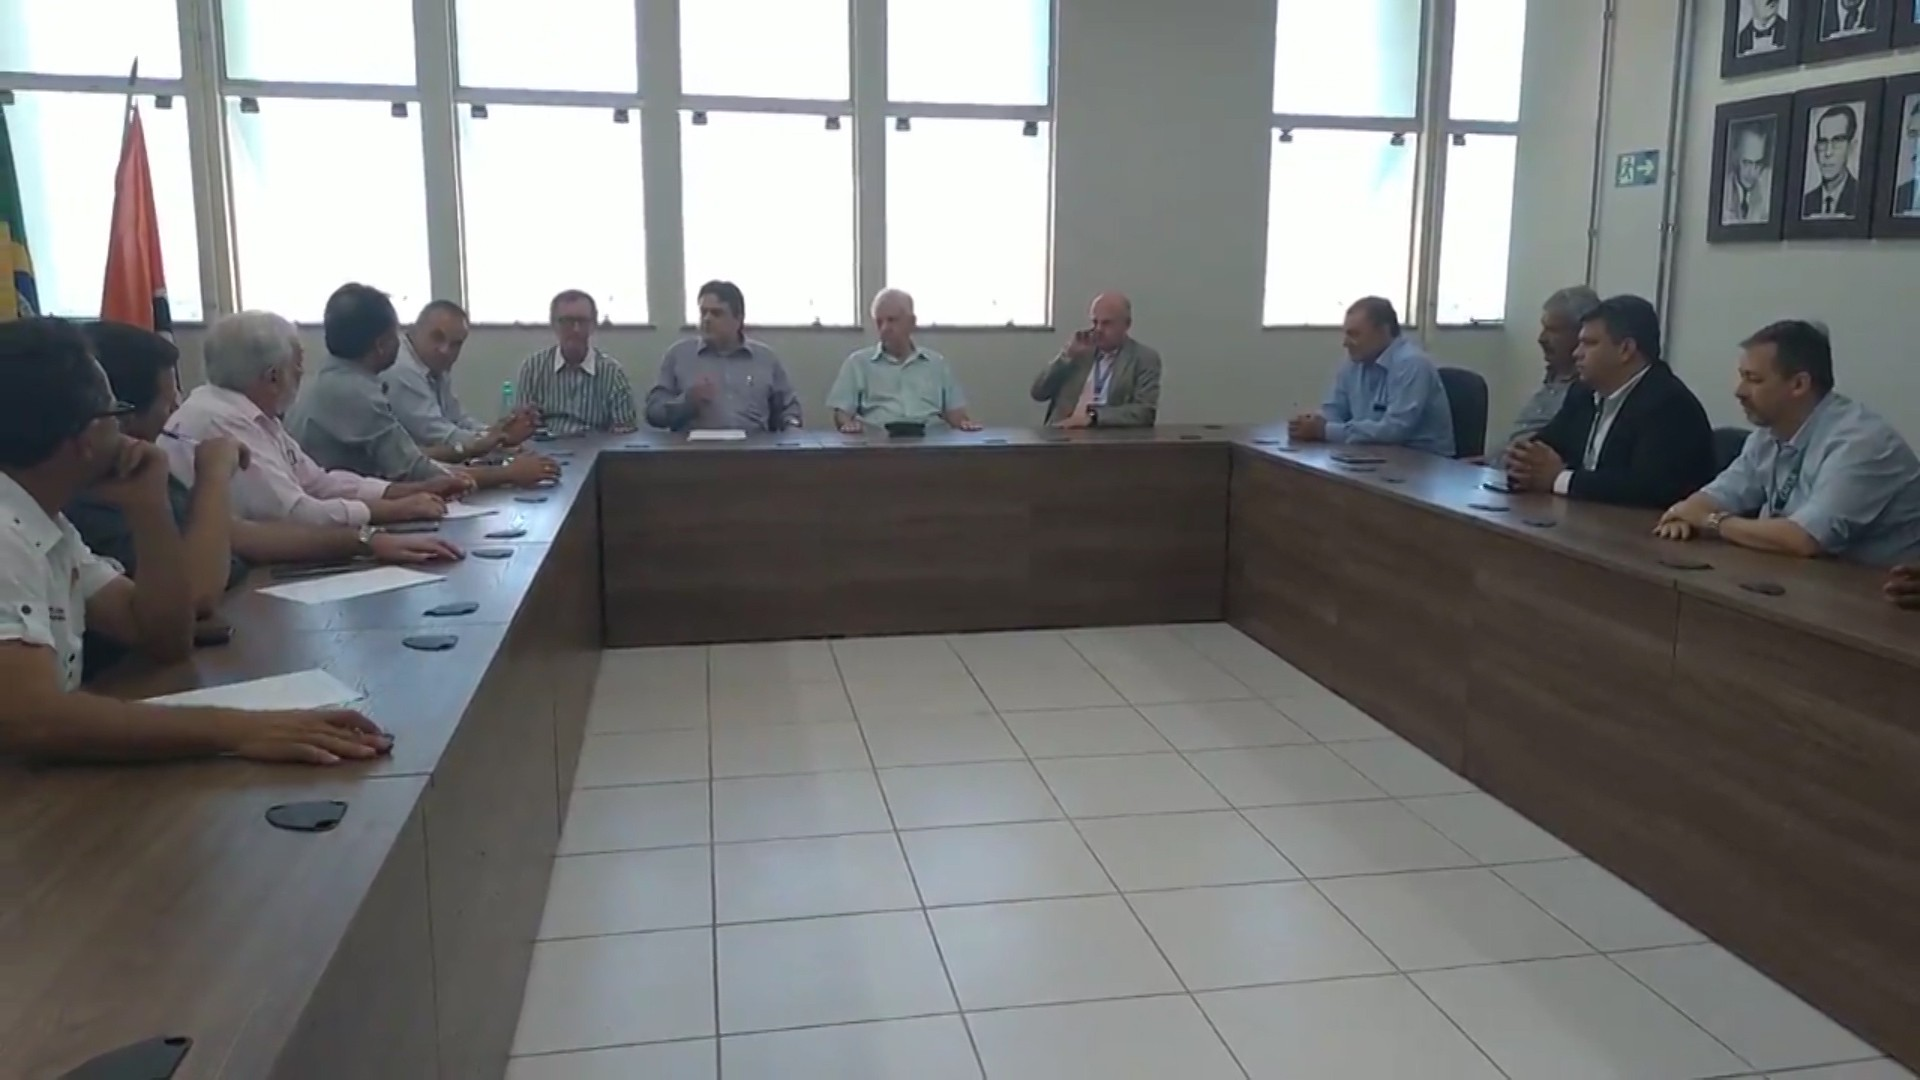 Contrato de renovação do PAC para obras de saneamento é assinado em Divinópolis  - Notícias - Plantão Diário